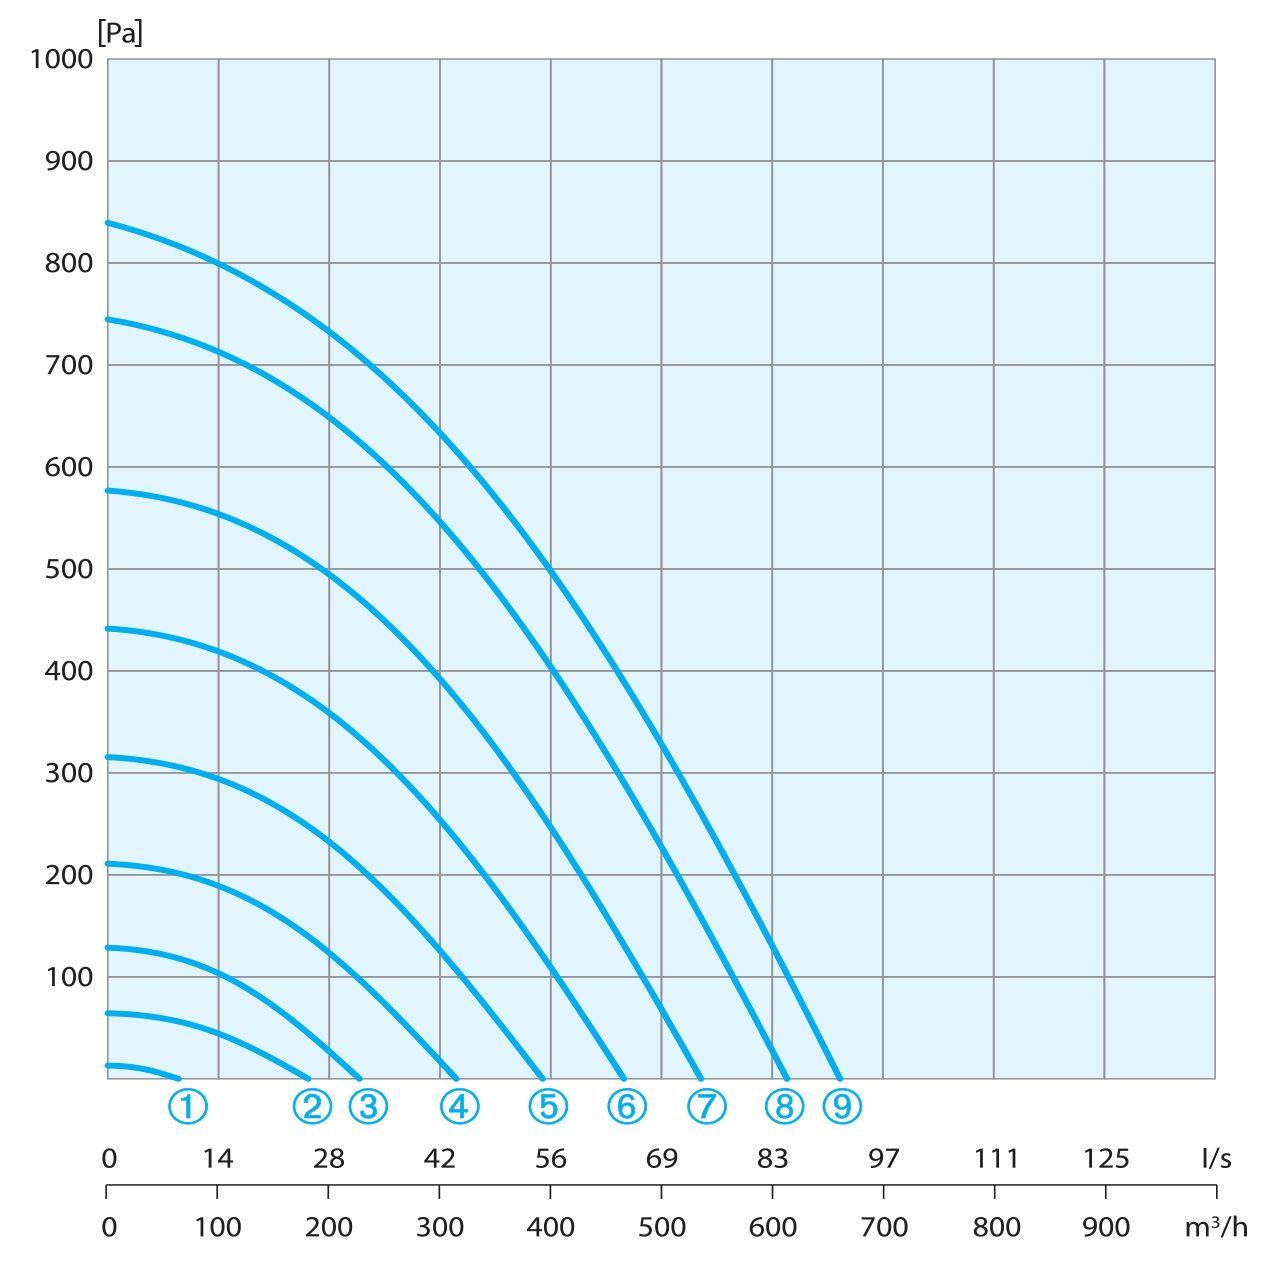 wykres sprezu aeris 550